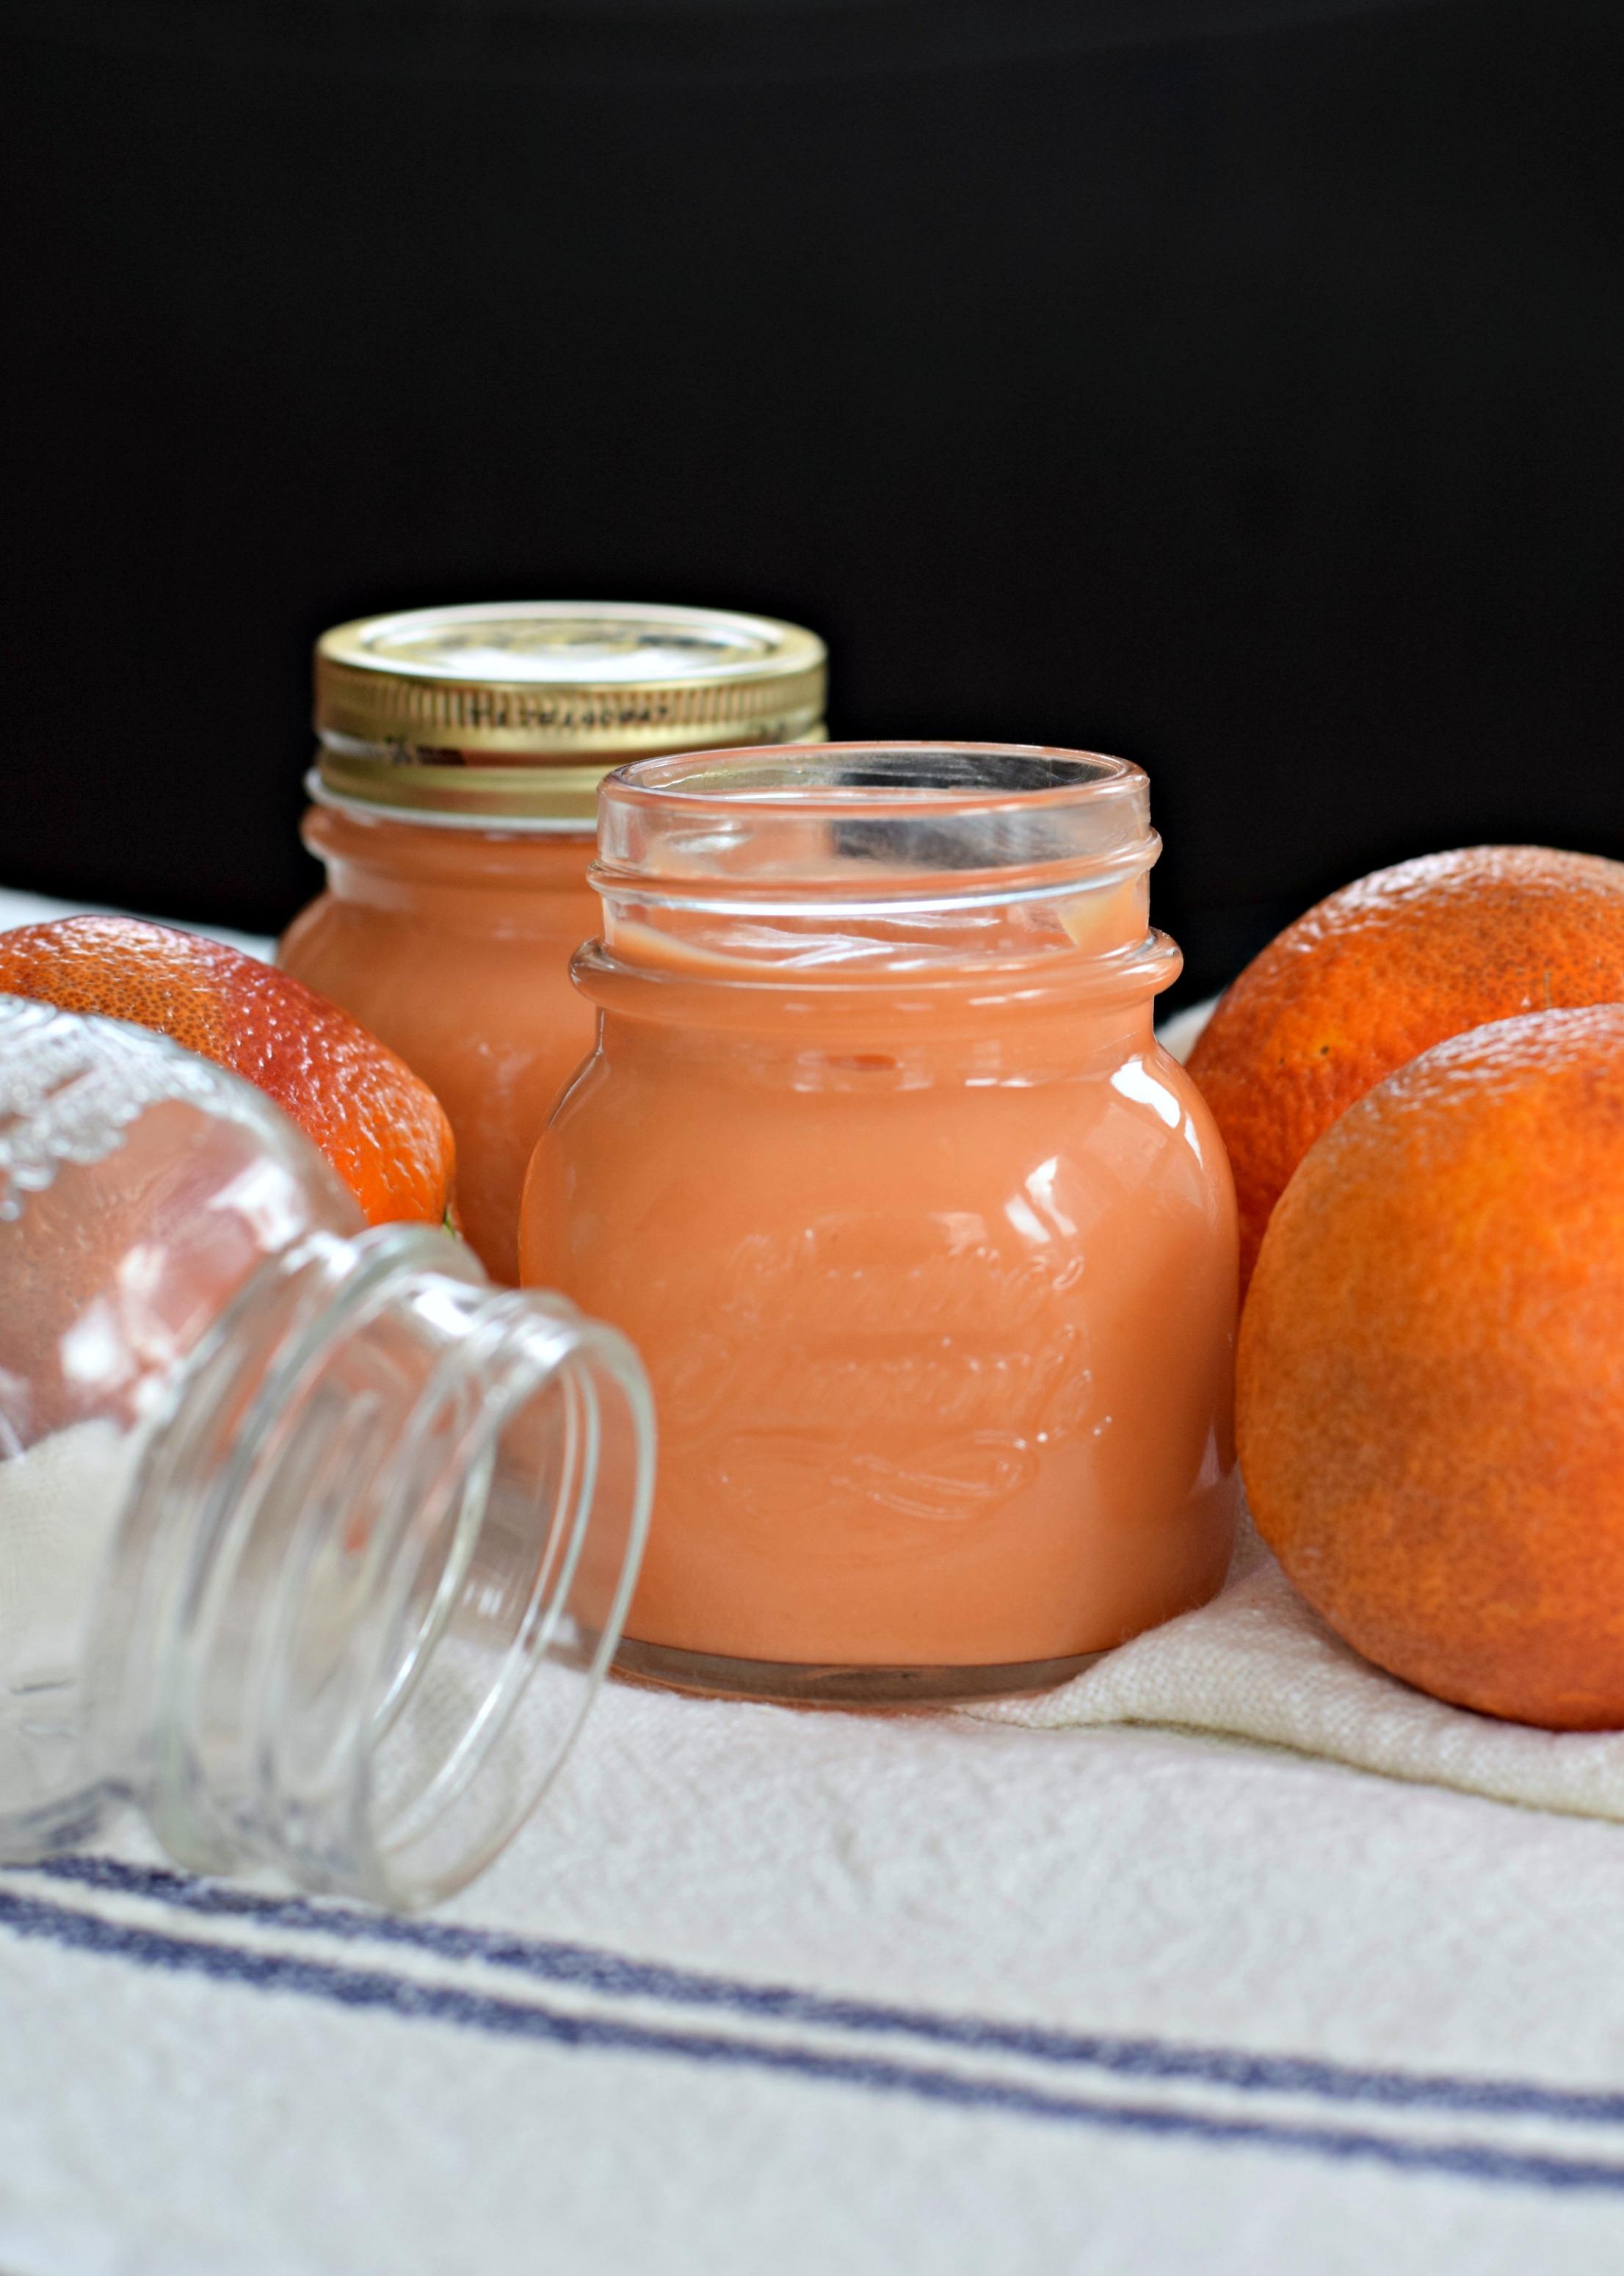 blood-orange-curd-empty-jar - West of the Loop